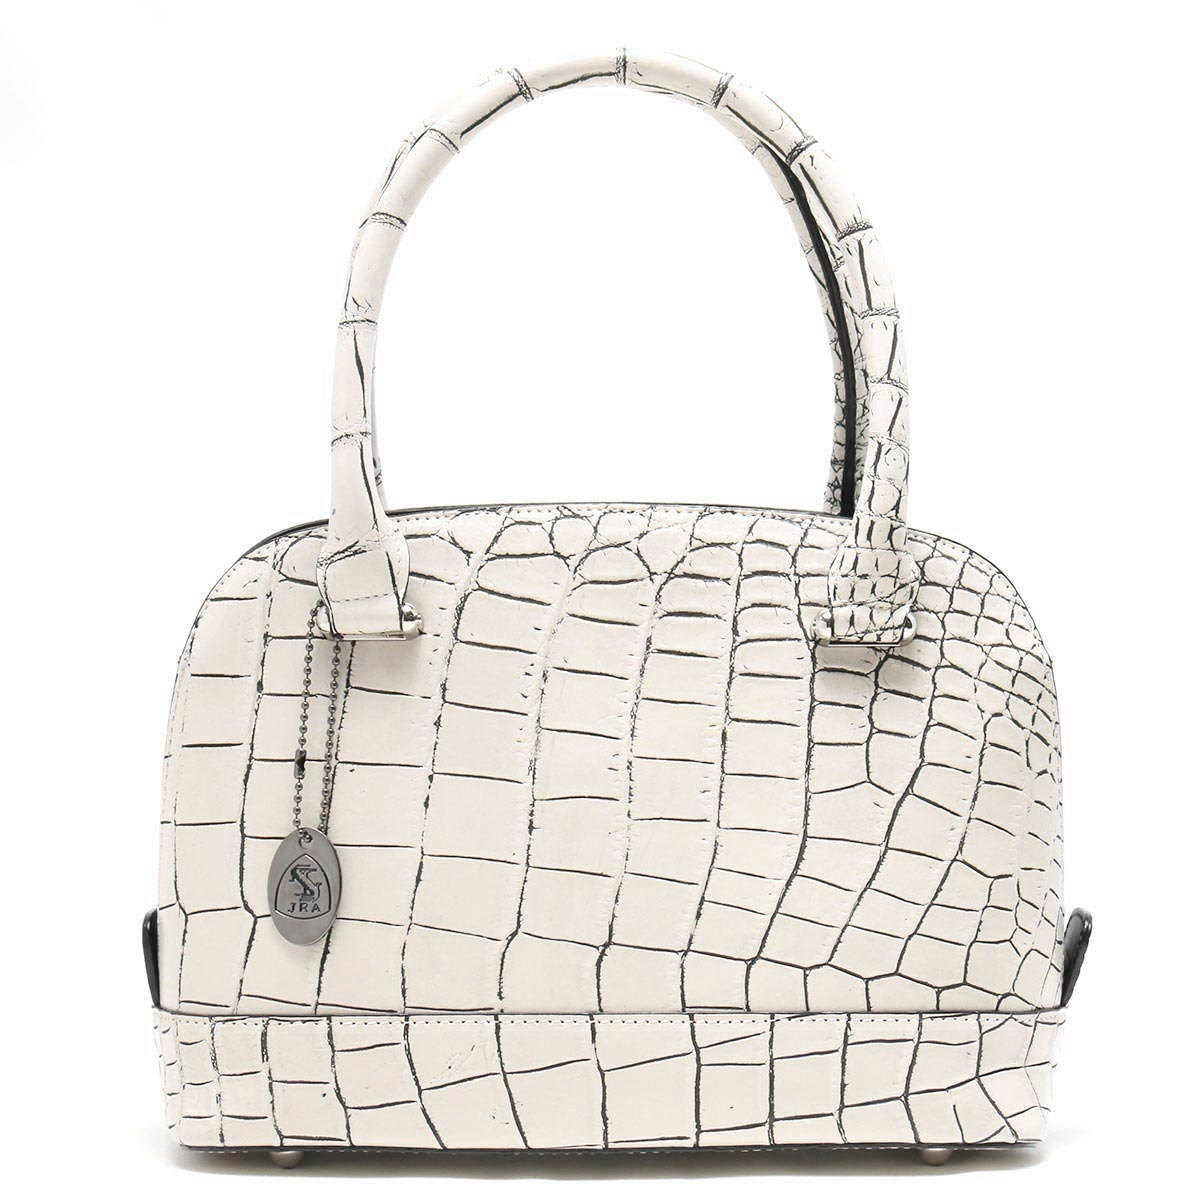 本革 ハンドバッグ バッグ レディース クロコ バニラホワイト CRB029 VAN Leather